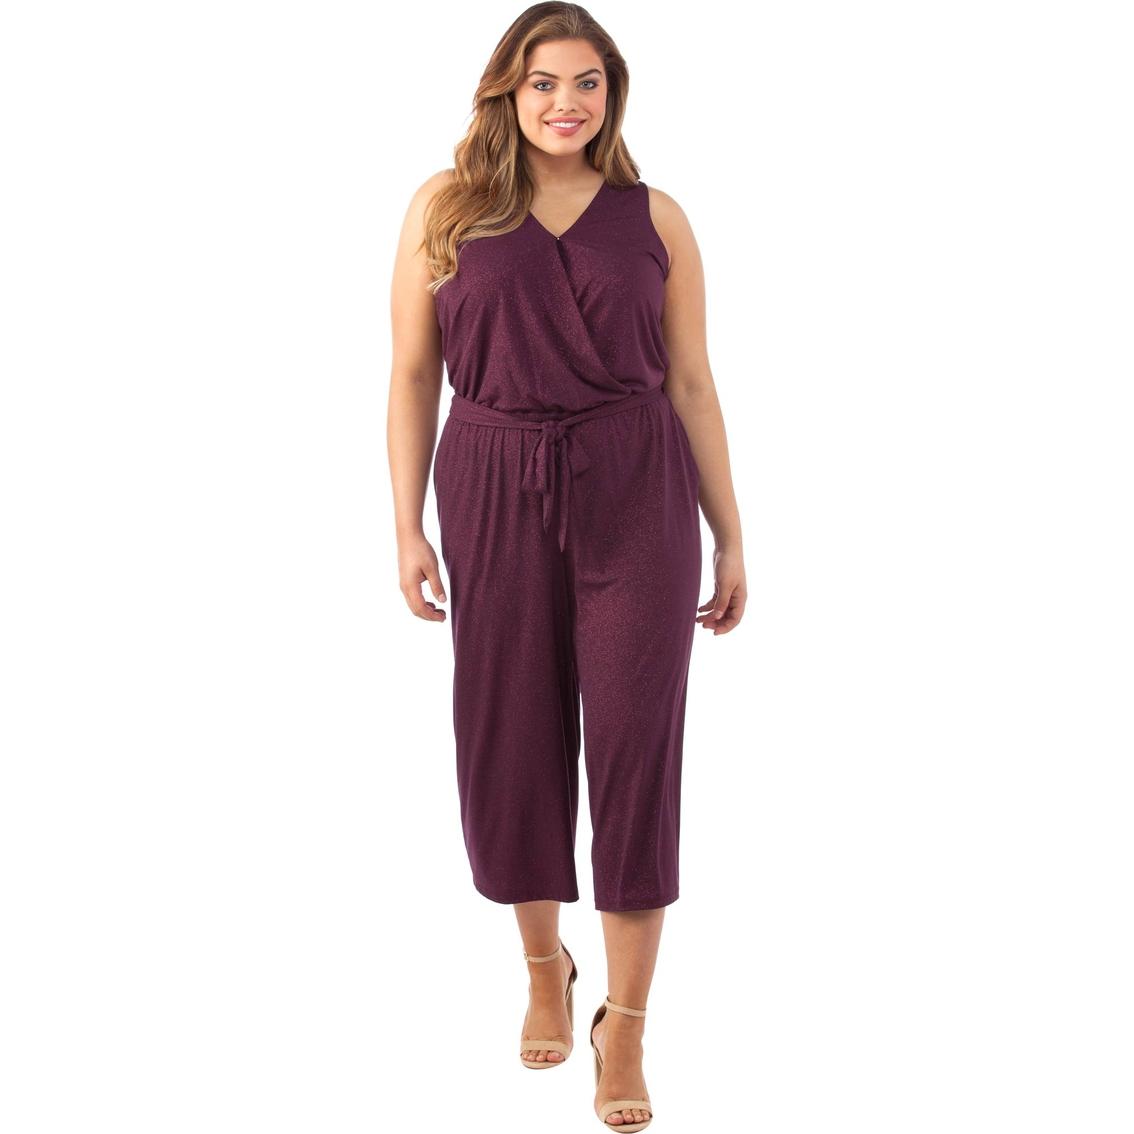 Michael Kors Plus Size Wrap Crop Jumpsuit | Dresses | Apparel | Shop ...